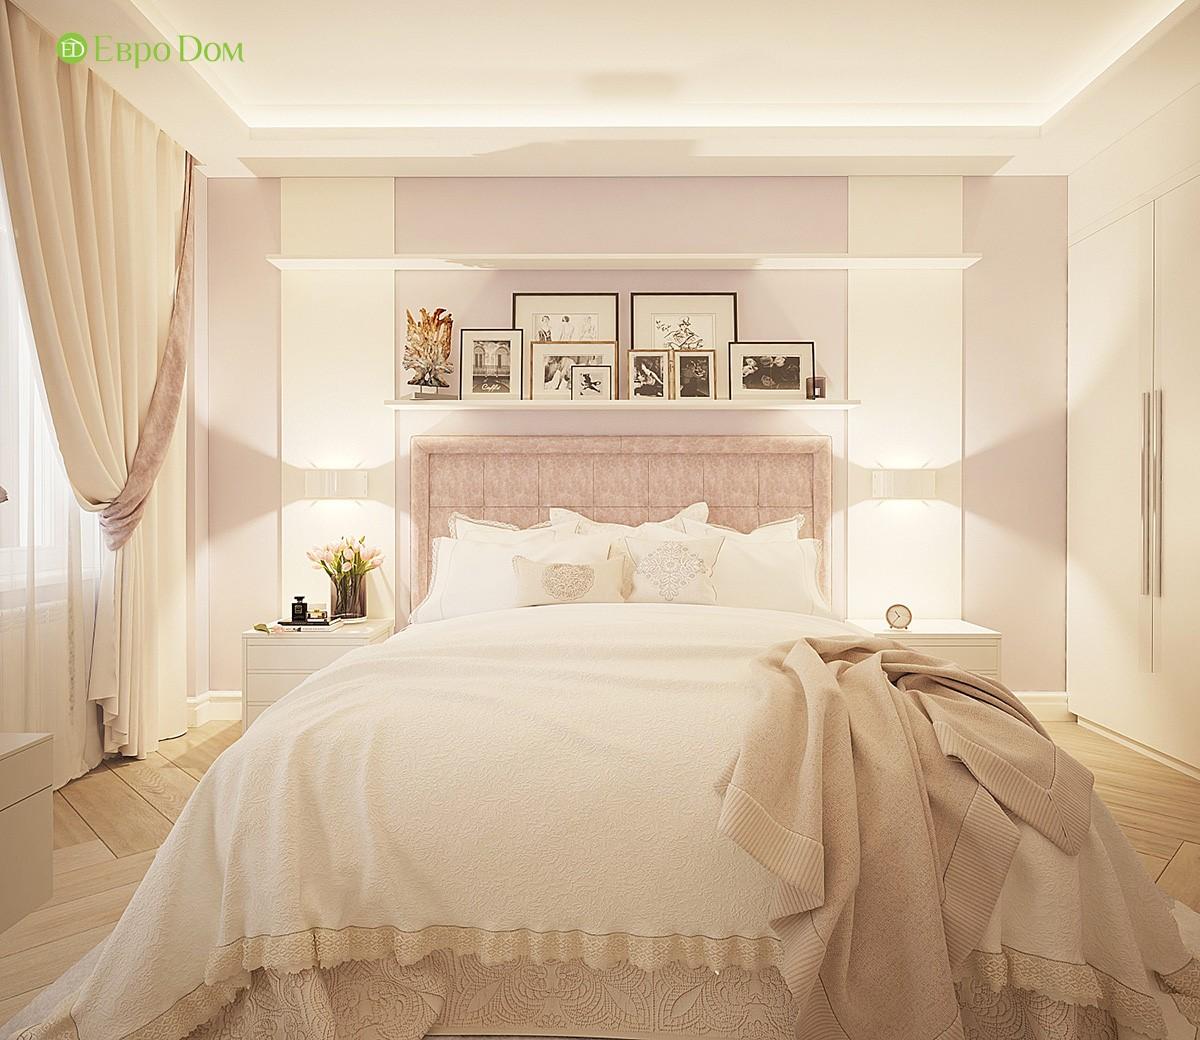 интерьер современной спальни в трехкомнатной квартире